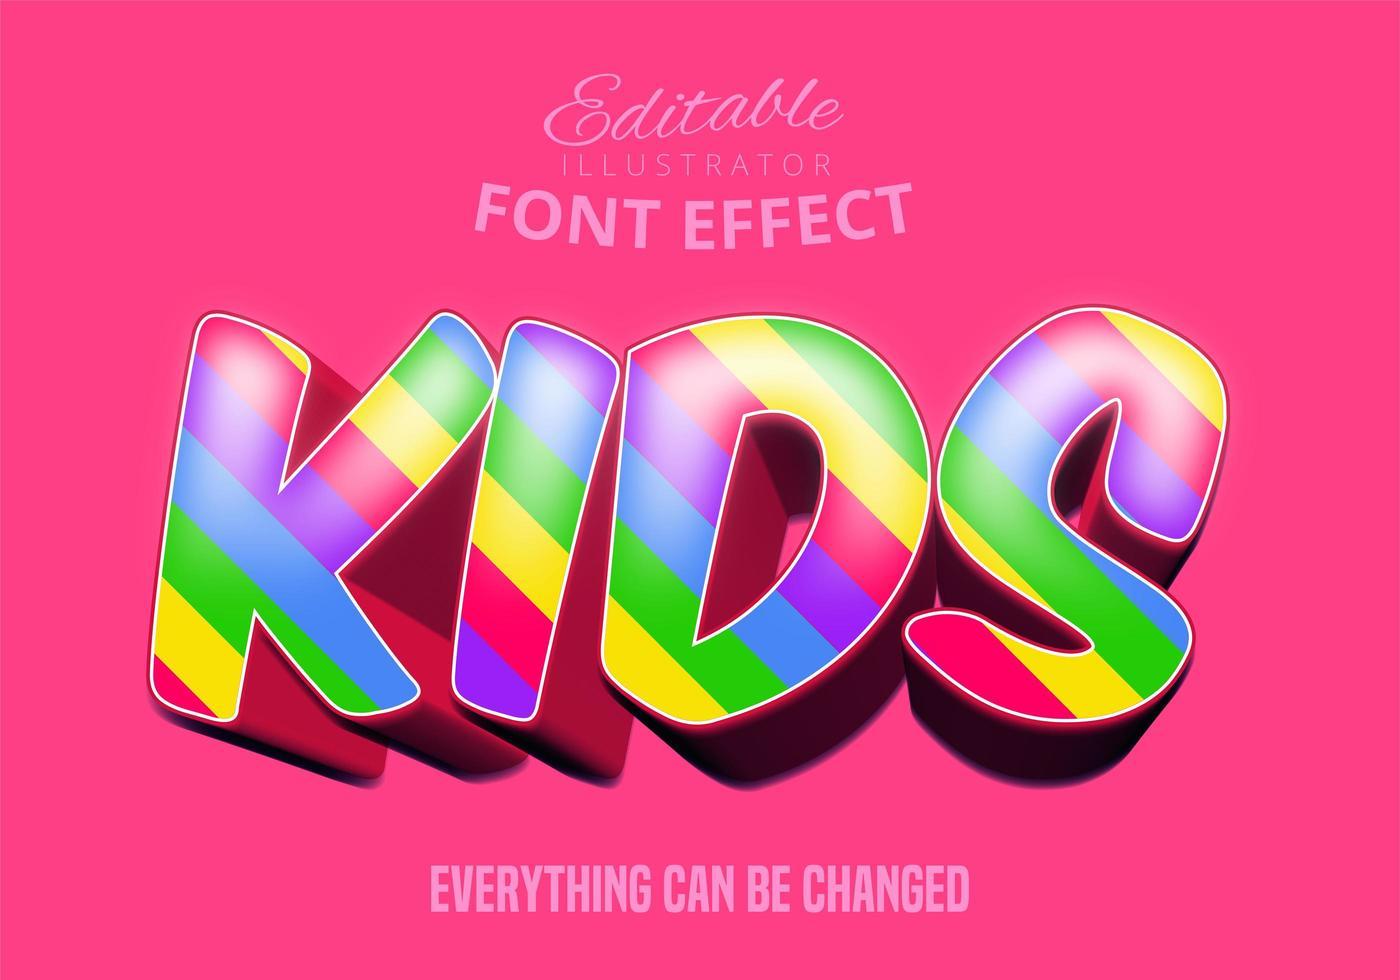 efecto de fuente editable niños arcoiris vector